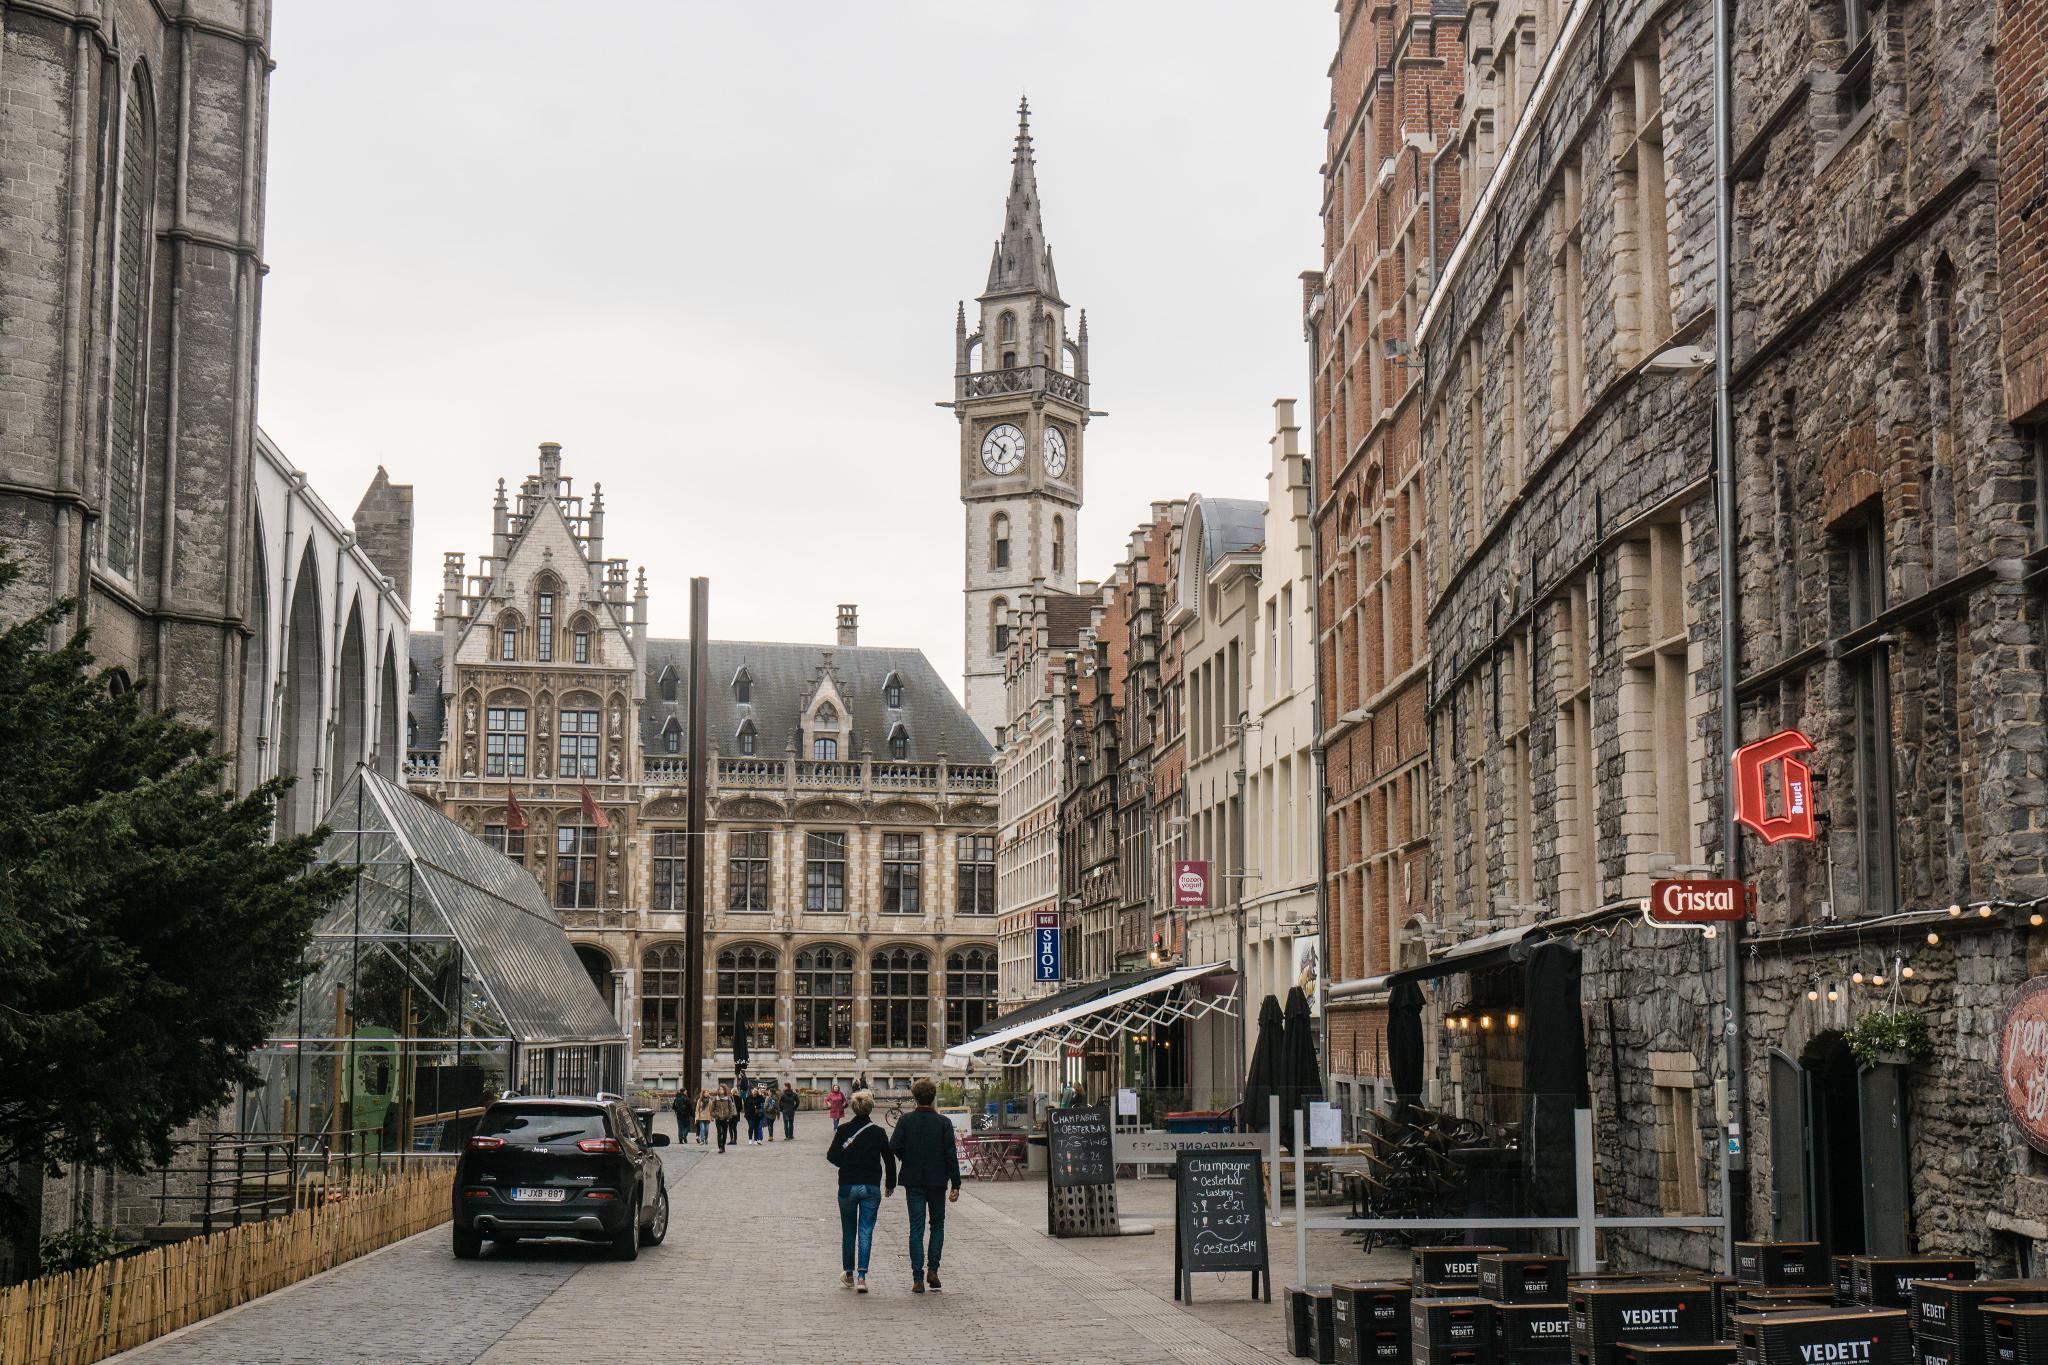 【比利時】穿梭中世紀的大城小事 — 比利時根特 (Ghent) 散步景點總整理 108